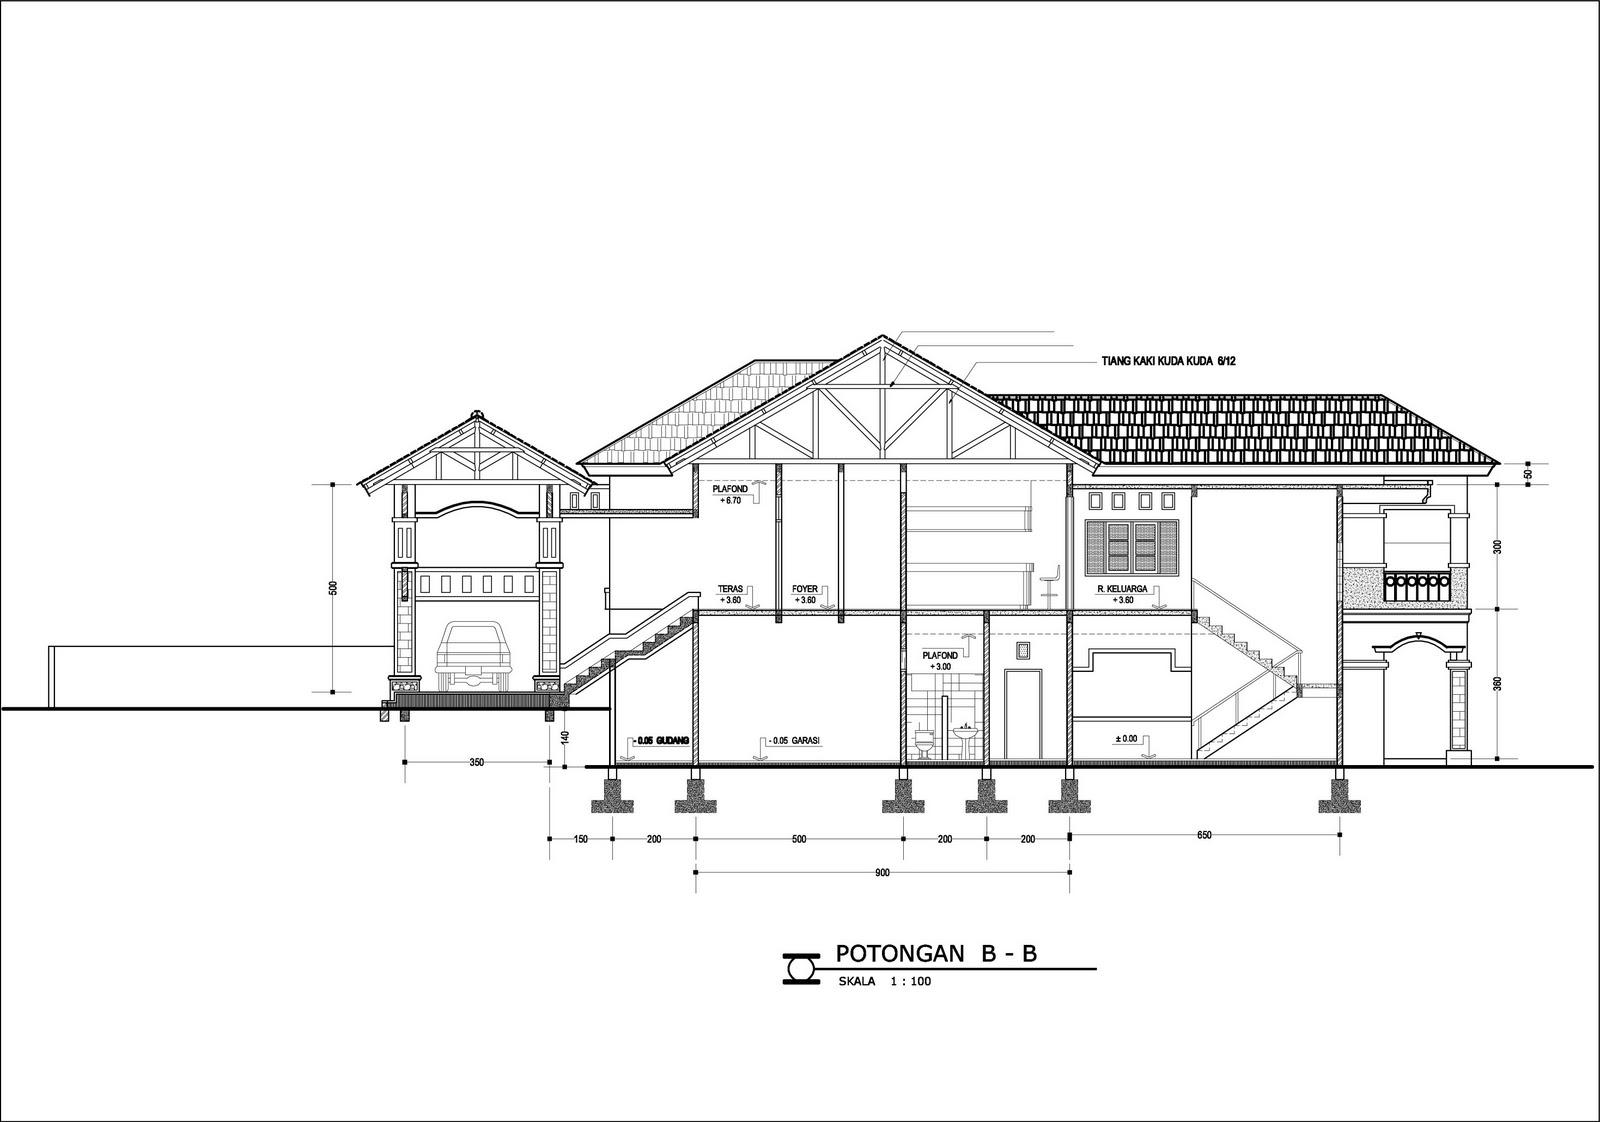 Contoh Desain Rumah DENAH RUMAH DI TANAH BERKONTUR TIPE